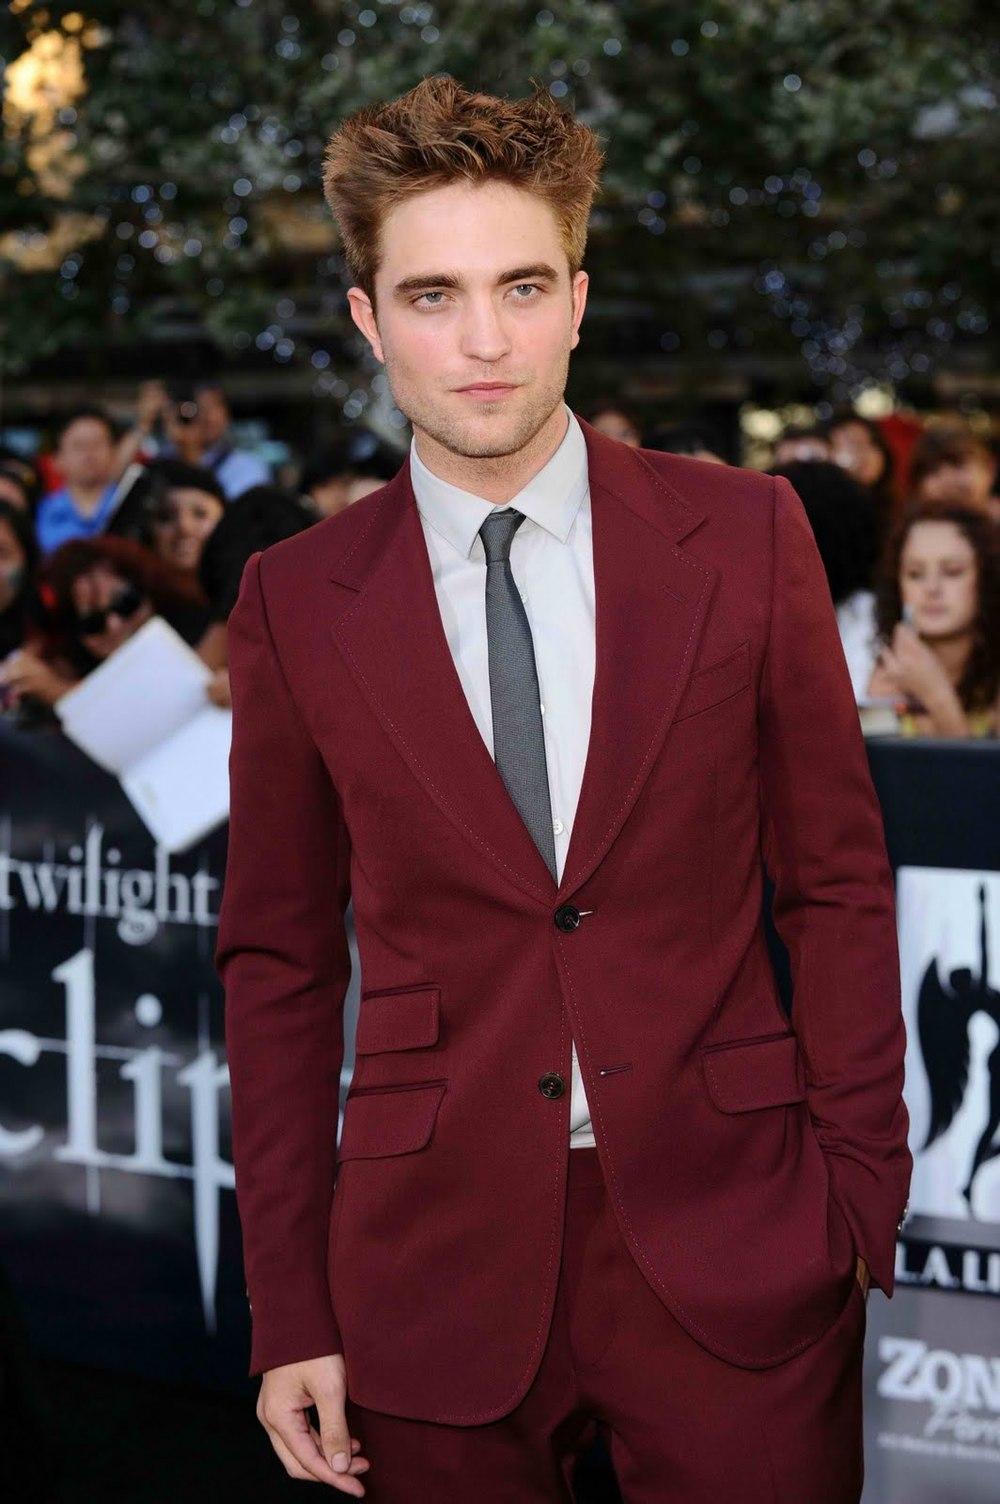 Robert Pattinson - O vampiro mais famoso do século XXI é também o mais bem vestido. Tirando a sua aparência às vezes desleixada, parecendo ter fugido do banho, Robert foi em 2012 um dos mais estilosos astros de Hollywood.